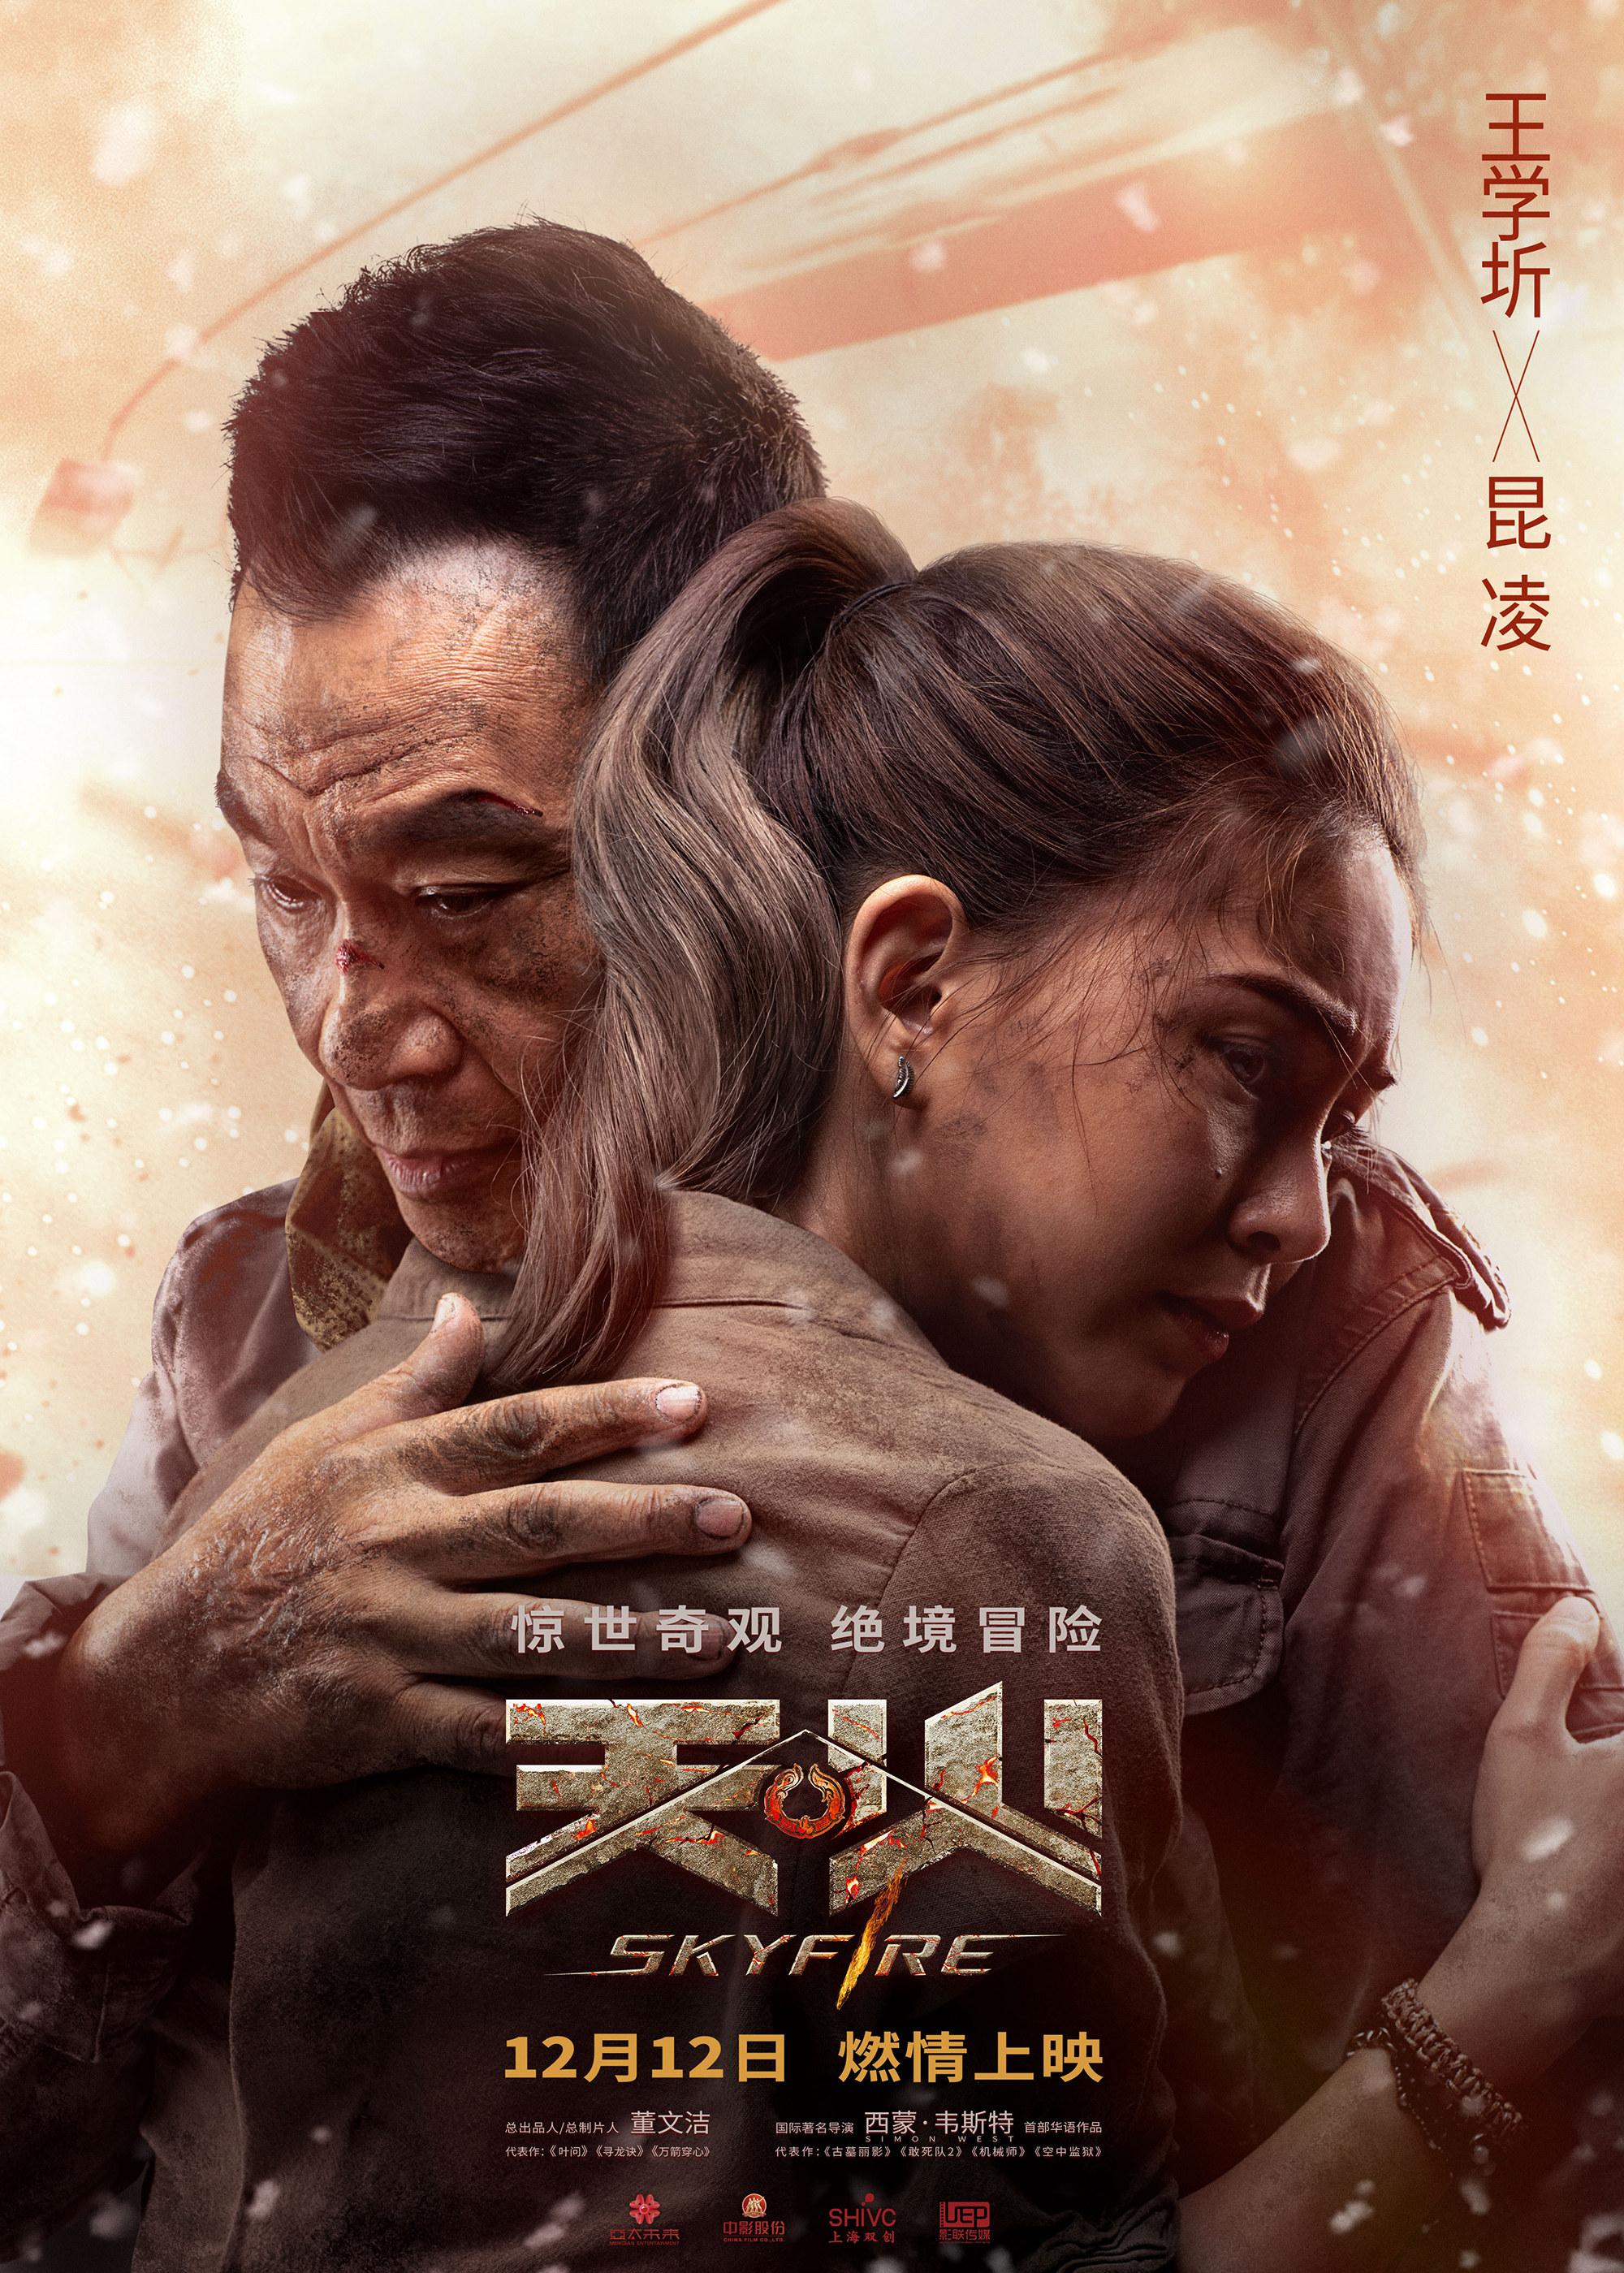 《天火》焚天的熔浆之下,包裹着女性独立和中国式亲情!